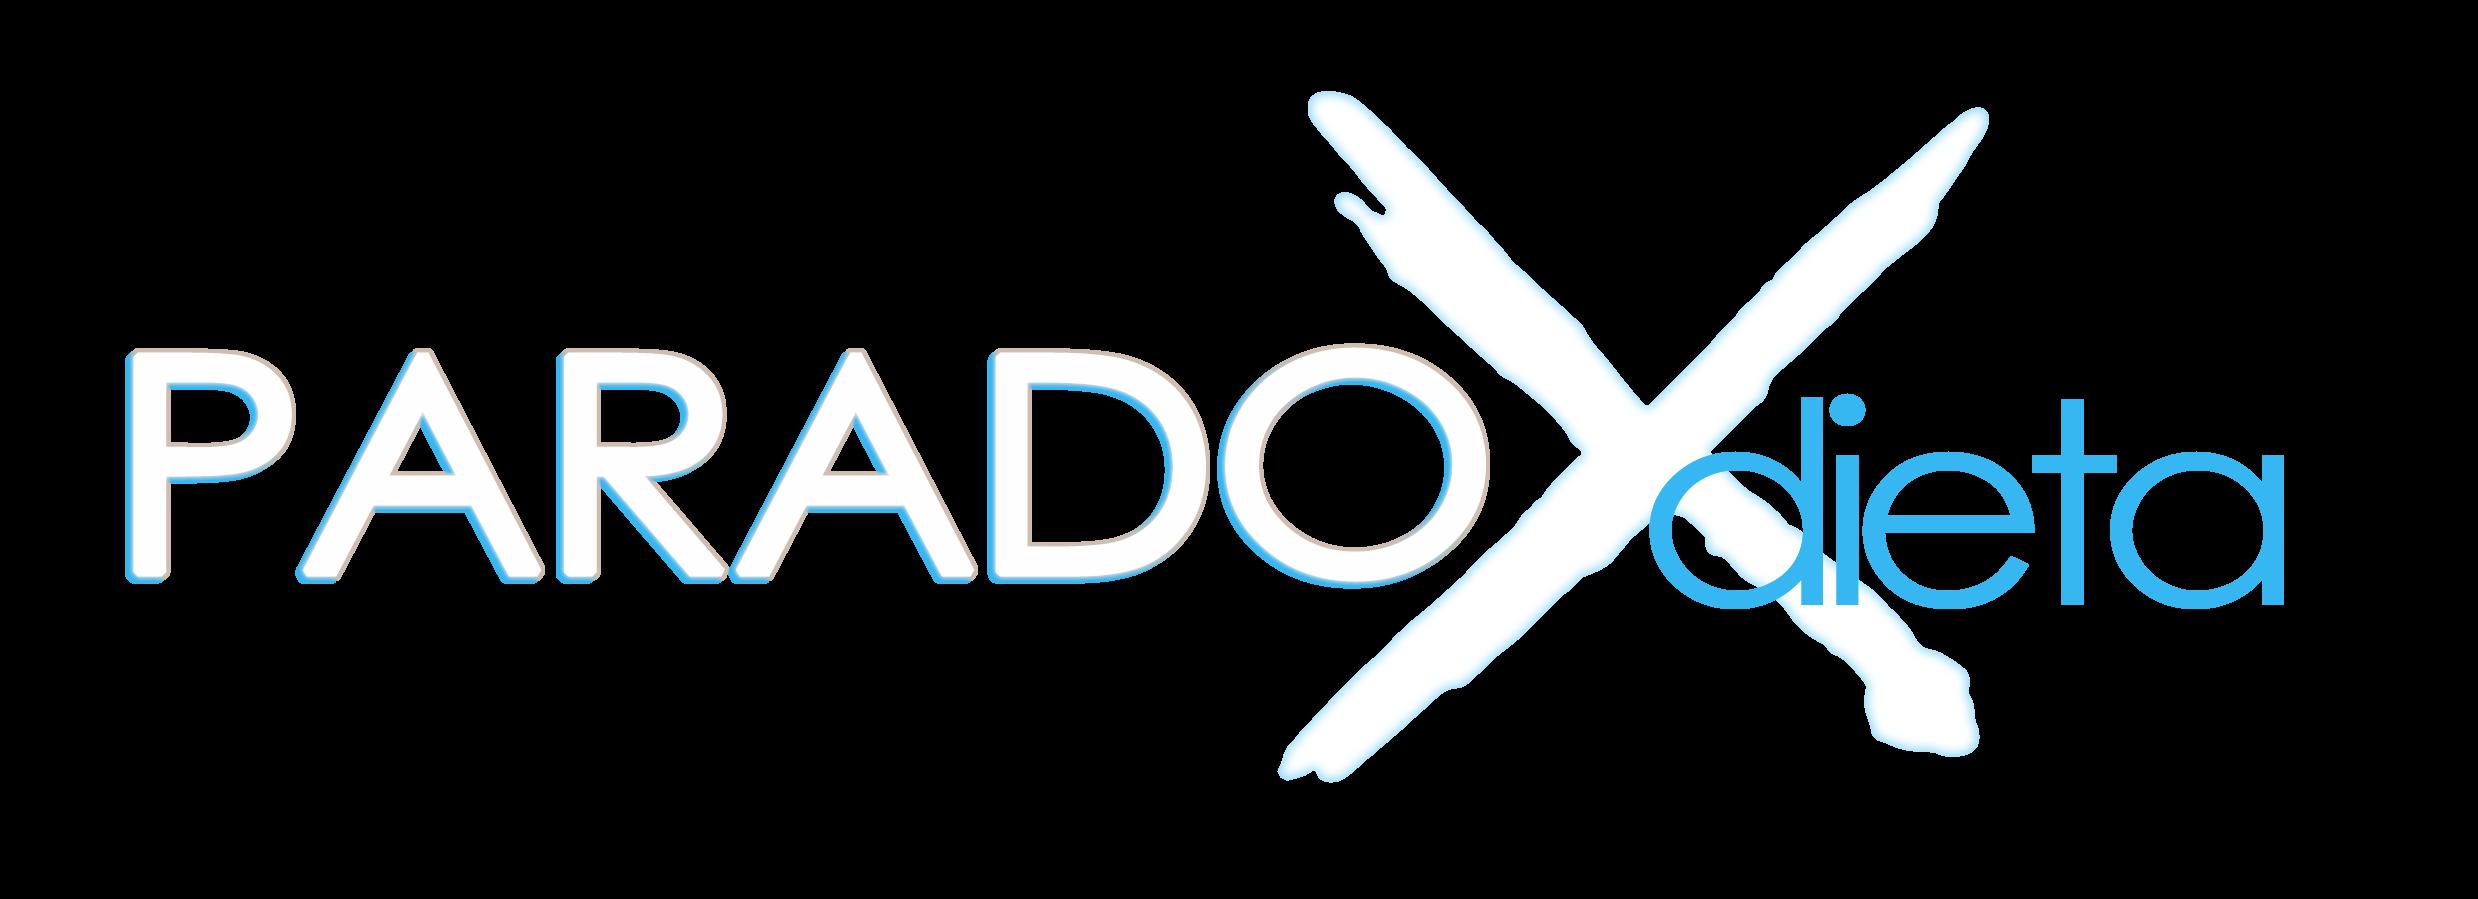 PARADOX dieta